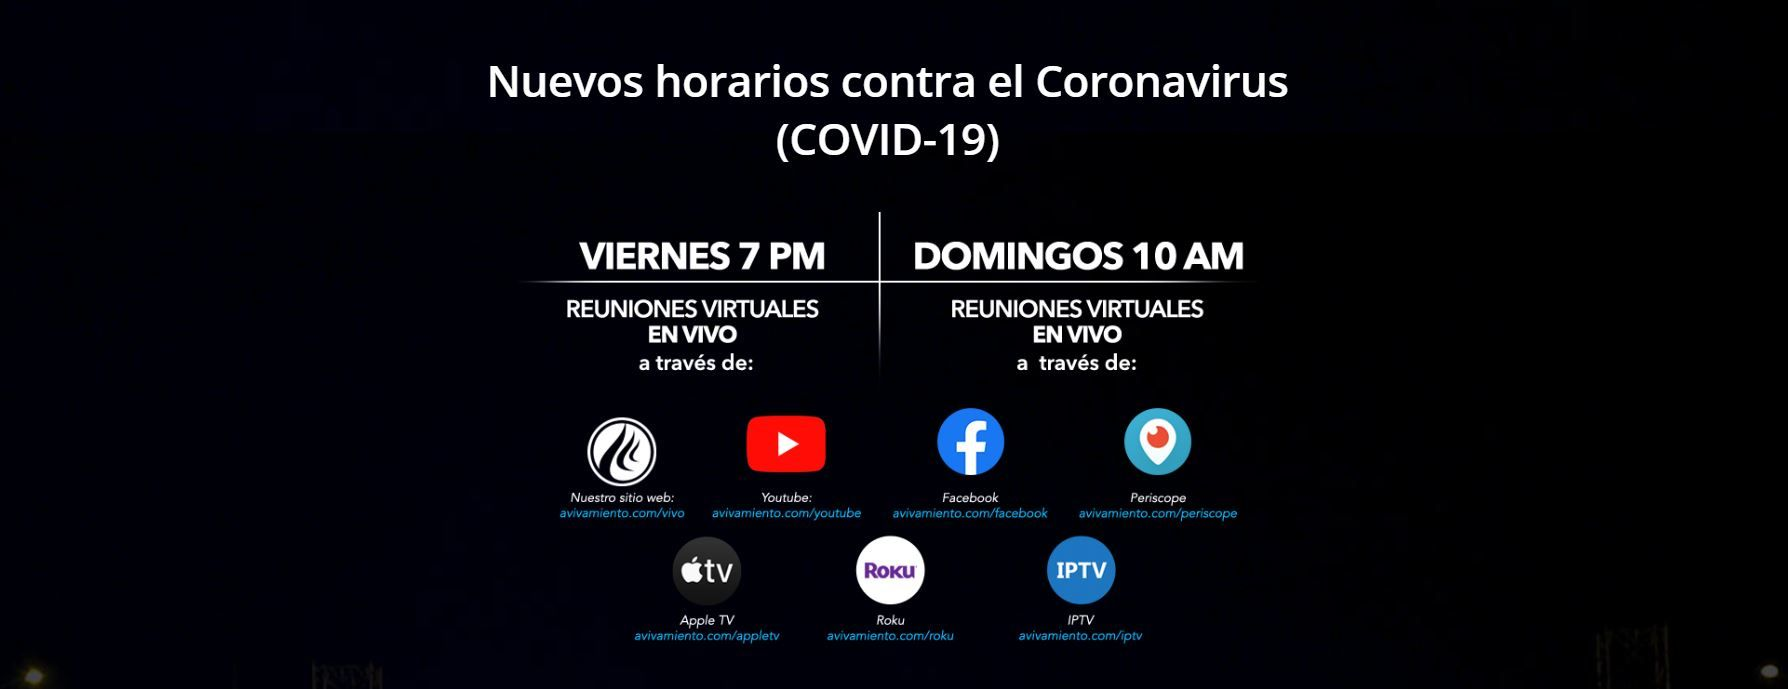 Nuevos horarios en contra del Covid-19